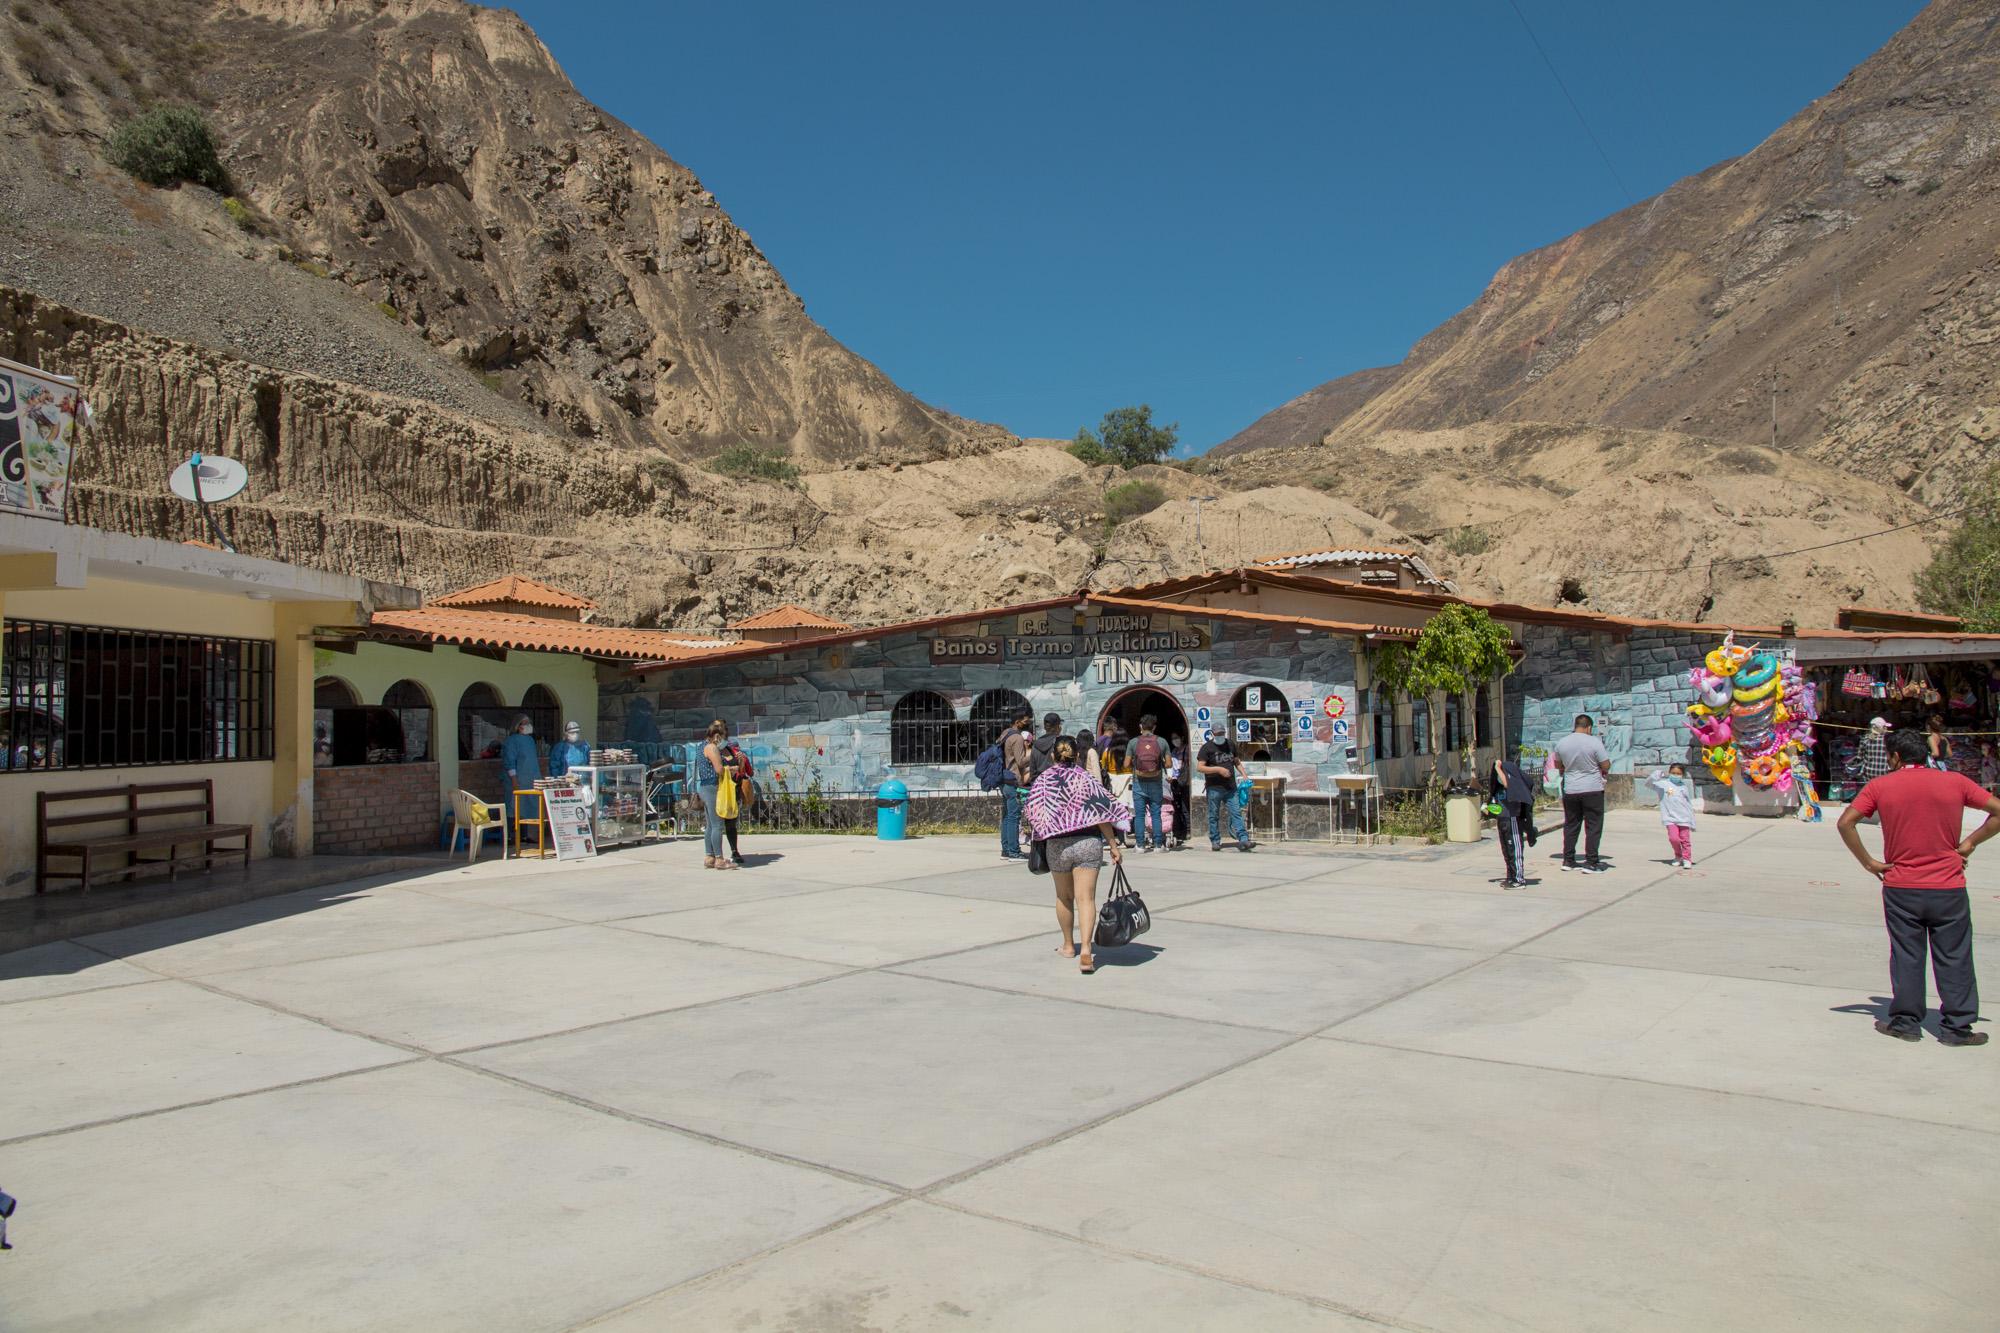 lugares turísticos de churín